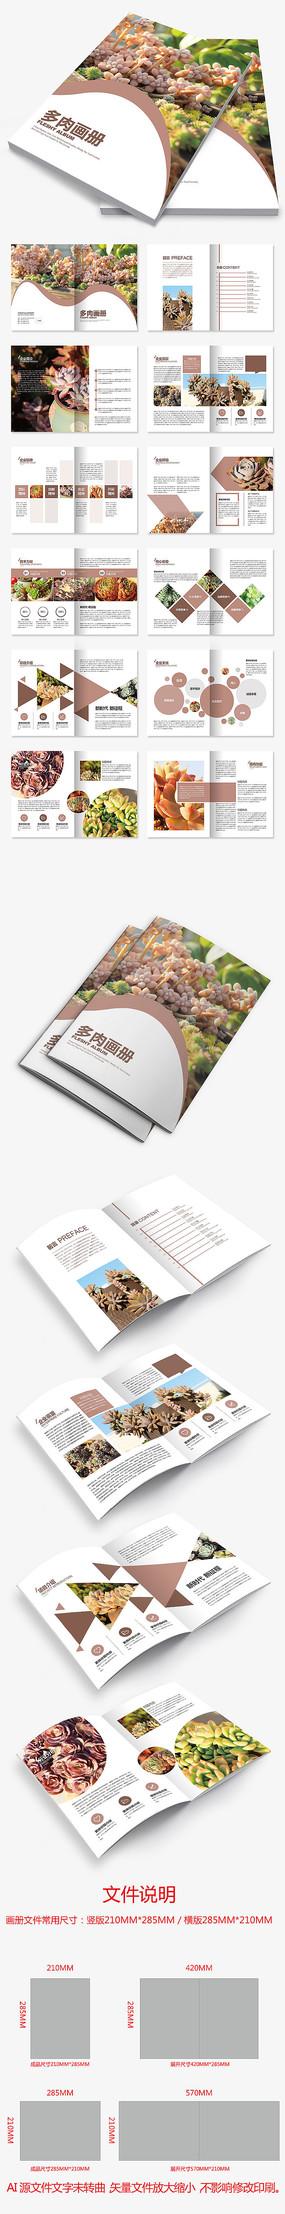 多肉植物绿色植物画册盆景绿植家居产品画册